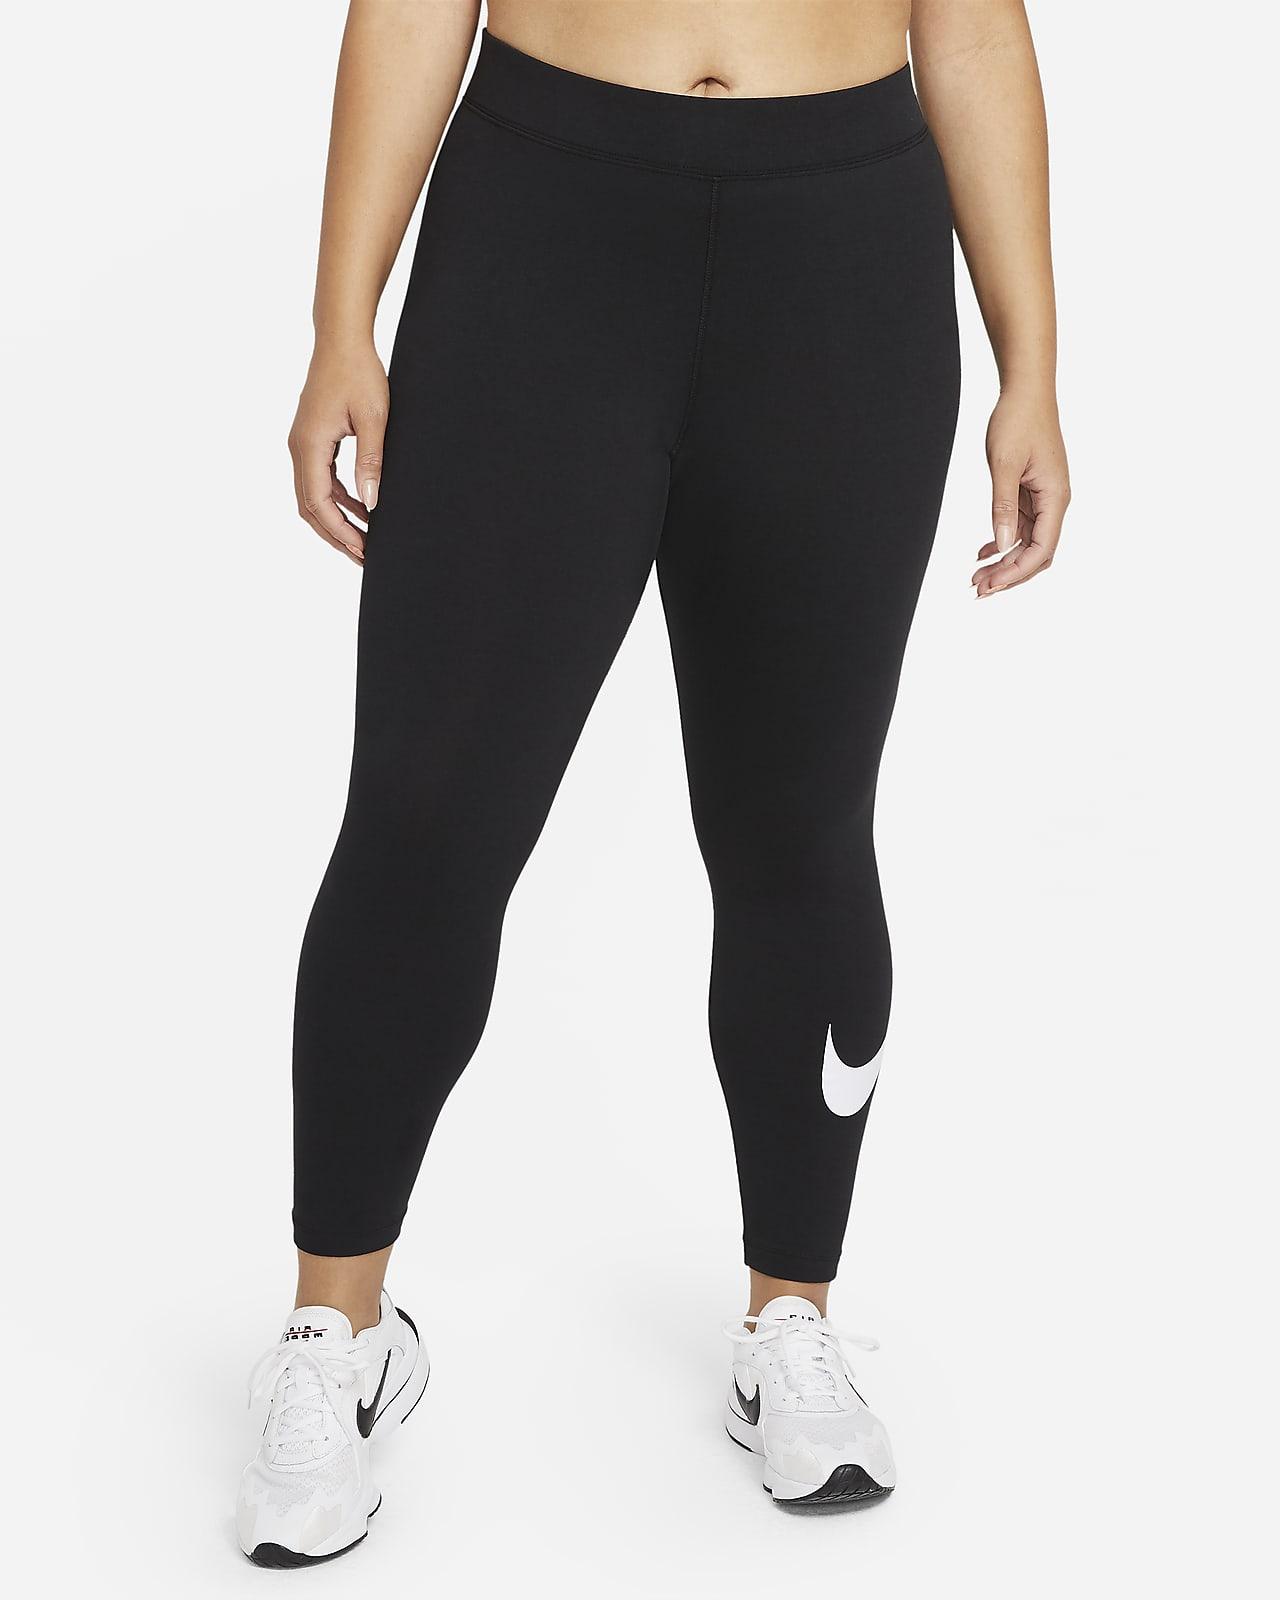 Damskie legginsy ze średnim stanem i logo Swoosh Nike Sportswear Essential (duże rozmiary)